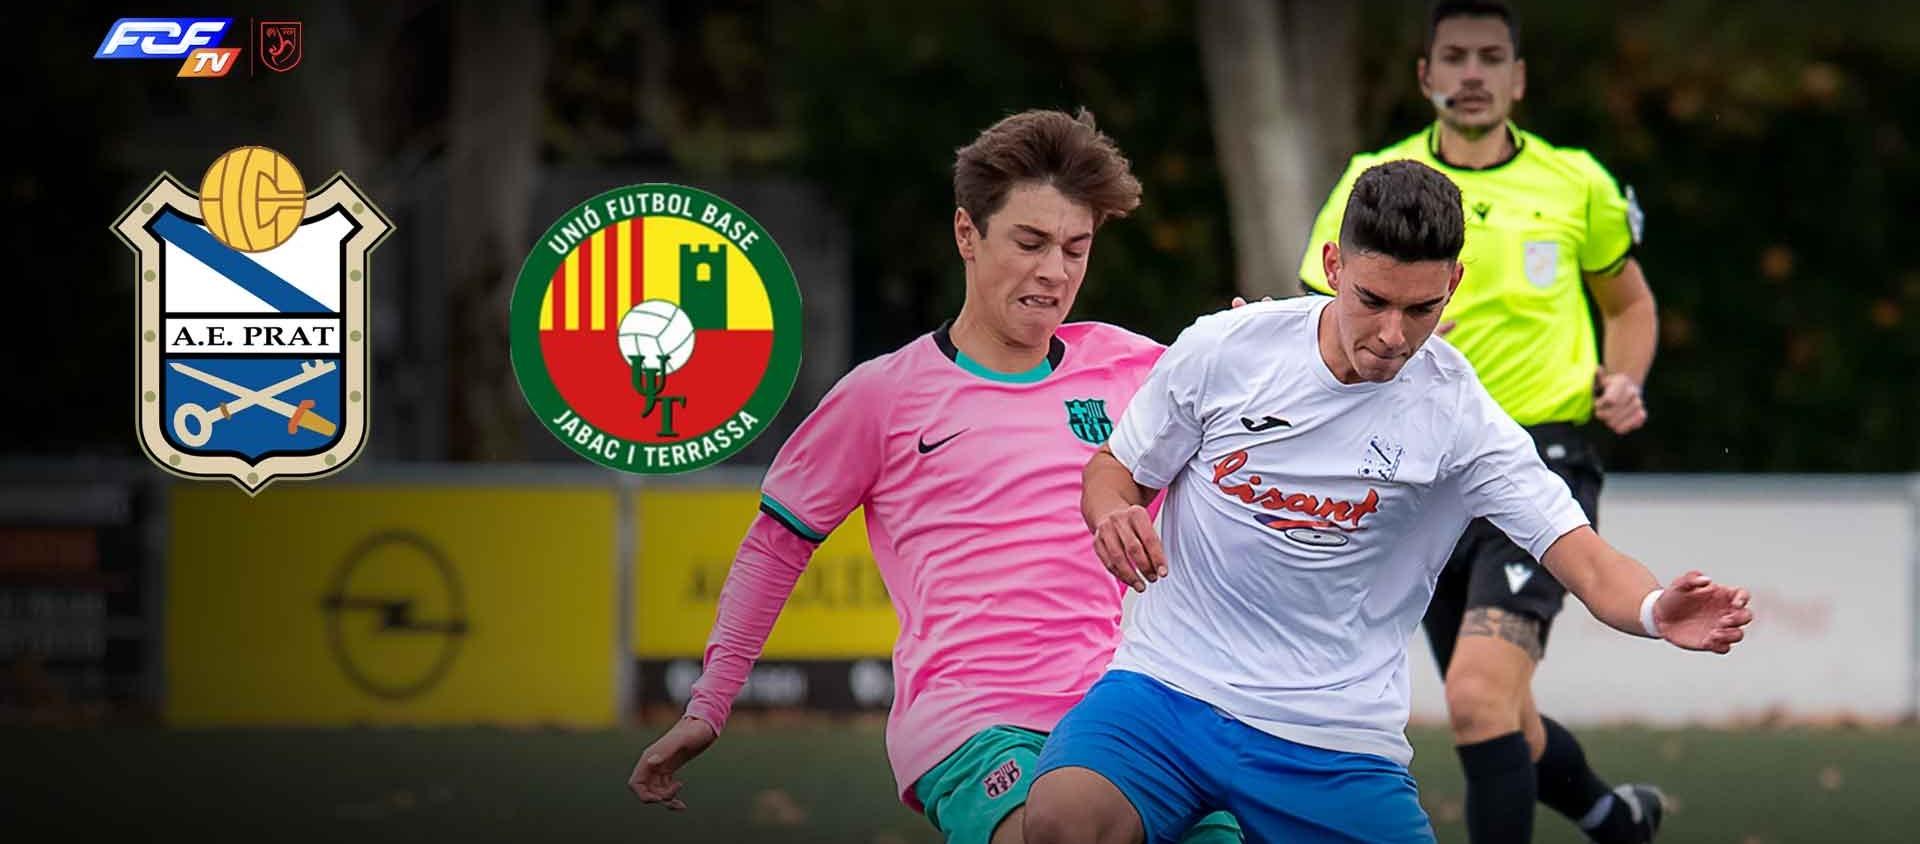 La lluita per la permanència a la Lliga Nacional Juvenil, en directe a l'FCF TV